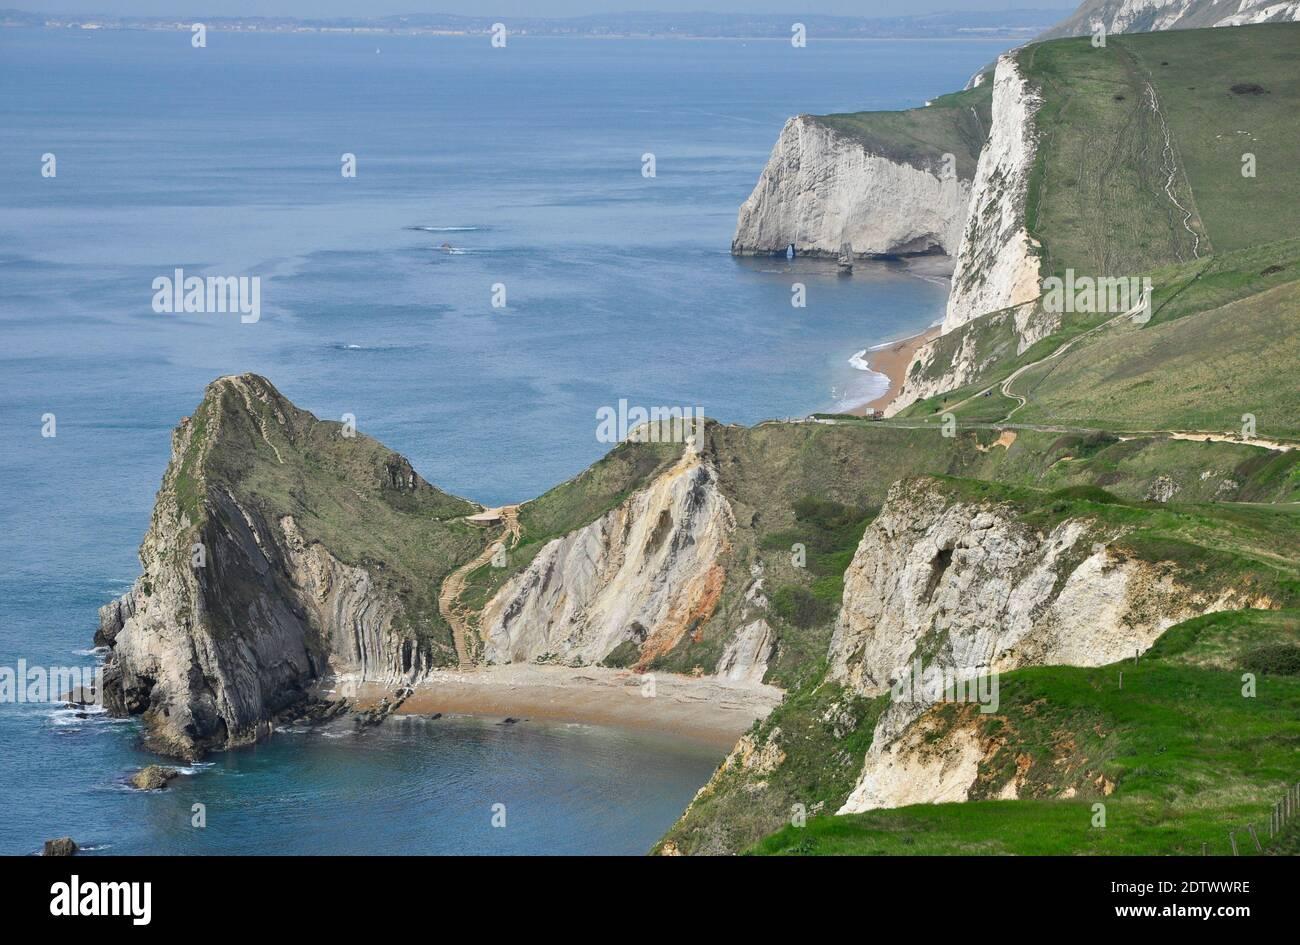 Vue vers l'ouest avec Durdle Door et les falaises de craie de Swyre Head et Bat's Head.partie de la côte jurasique de Dorset.UK Banque D'Images